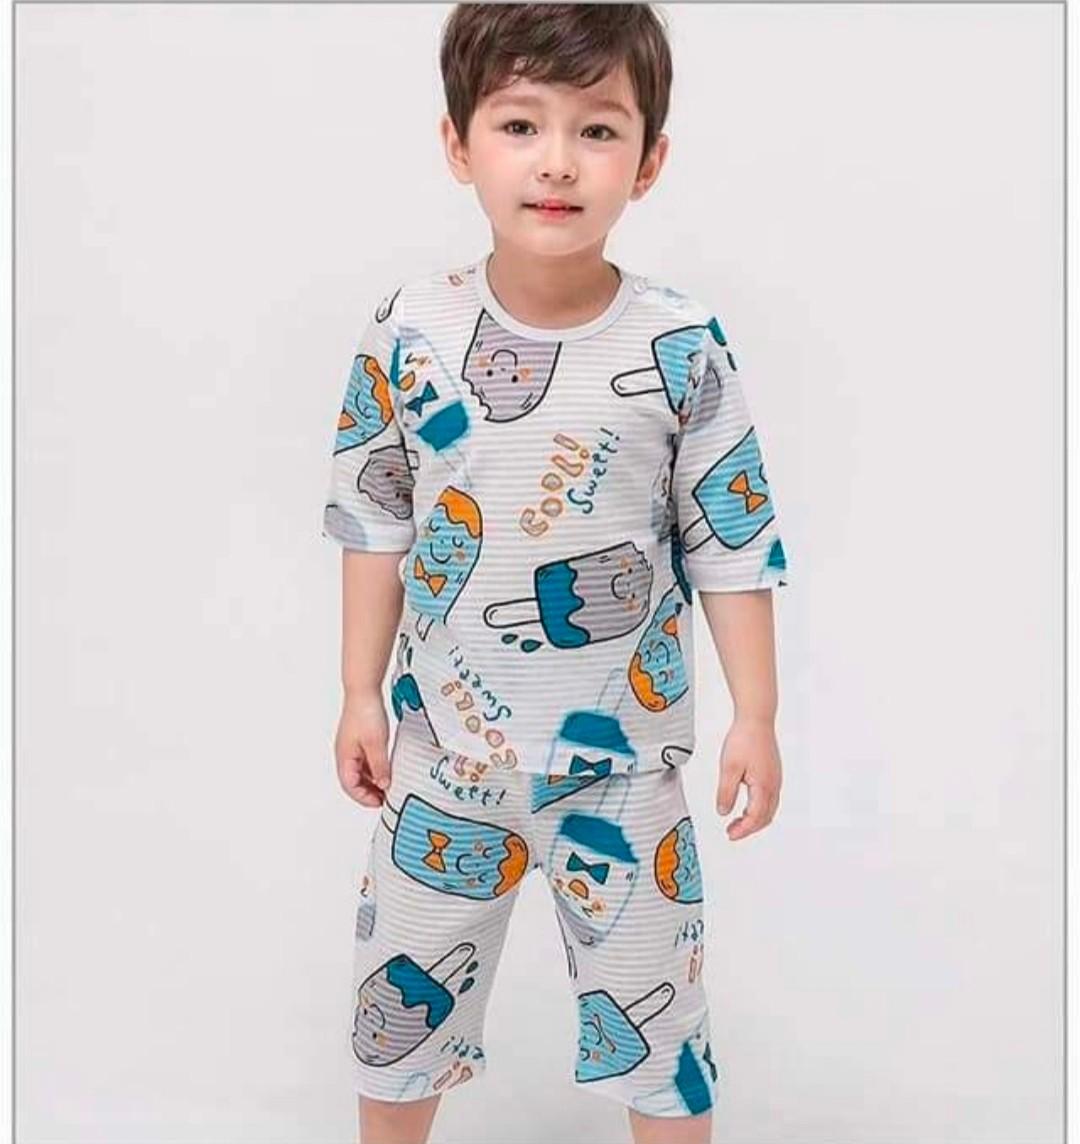 (現貨)正韓國純棉 Mellisse兒童居家服春夏款冰棒(七分袖)90-150cm 芒果姐姐童裝屋